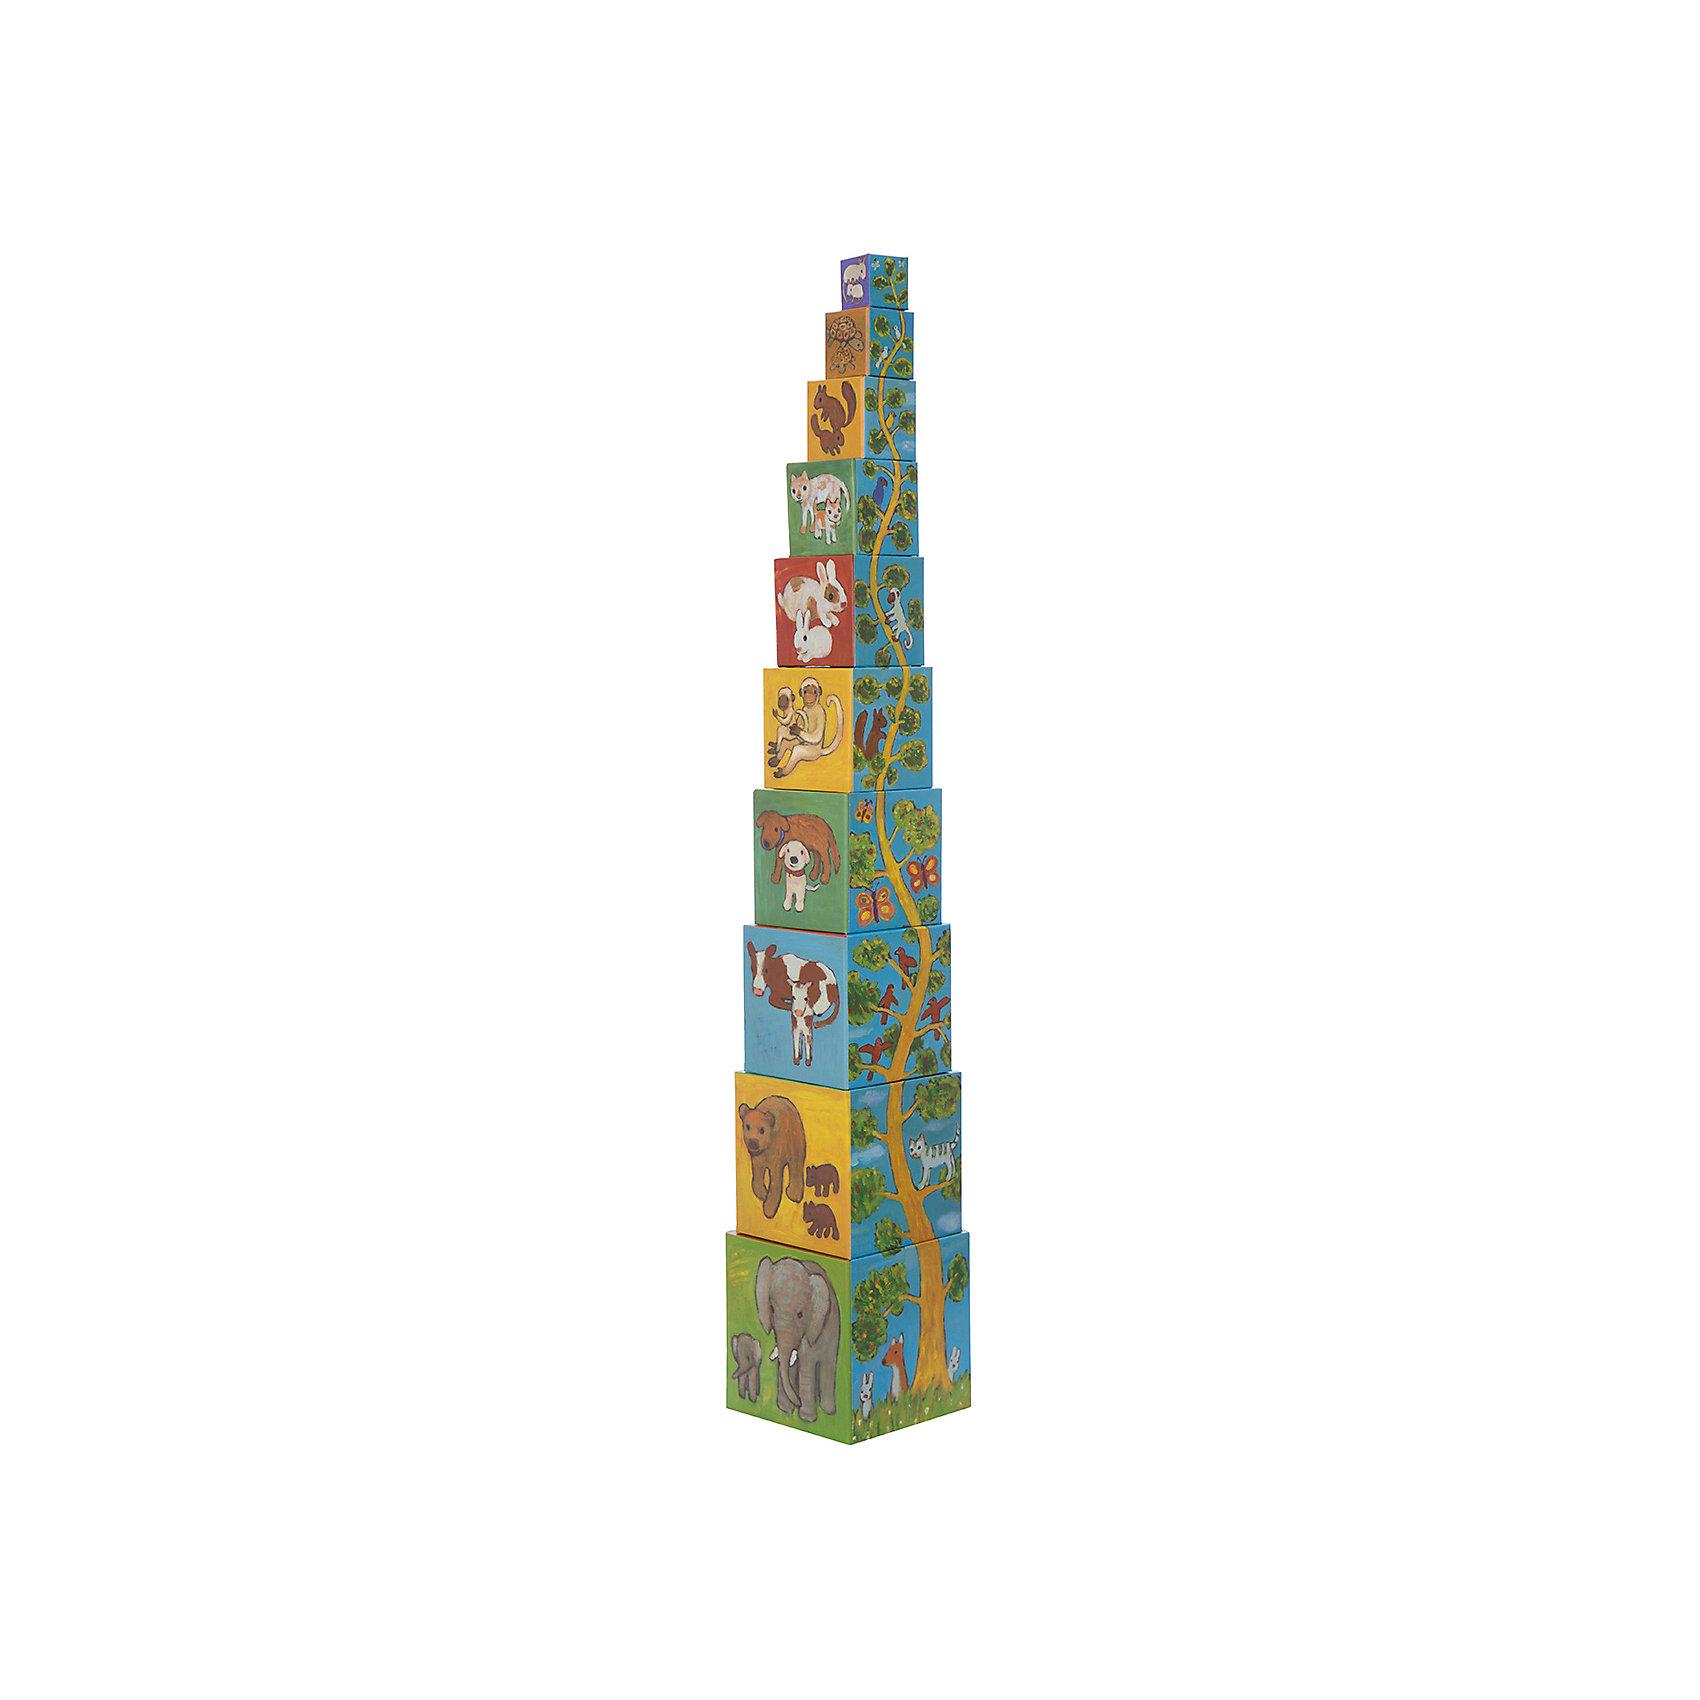 DJECO Кубики-пирамида Мои друзья (10 элементов)DJECO Кубики-пирамида Мои друзья (10 элементов) - яркие цветные кубики, предназначенные для самых маленьких. С ними можно придумать множество игр!<br><br>На каждой из сторон кубиков нарисованы разнообразные картинки, способствующие обучению счету, цветам, названиям животных. Кроме того, кубики отличаются по размеру и вертикально выстраиваются в пирамидку, что способствует развитию координации движений ребенка и формированию понятия больше-меньше.<br><br>Дополнительная информация:<br><br>- В комплекте: 10 кубиков.<br>- Материал: плотный картон.<br><br>Ширина мм: 150<br>Глубина мм: 150<br>Высота мм: 150<br>Вес г: 700<br>Возраст от месяцев: 12<br>Возраст до месяцев: 36<br>Пол: Унисекс<br>Возраст: Детский<br>SKU: 3193446